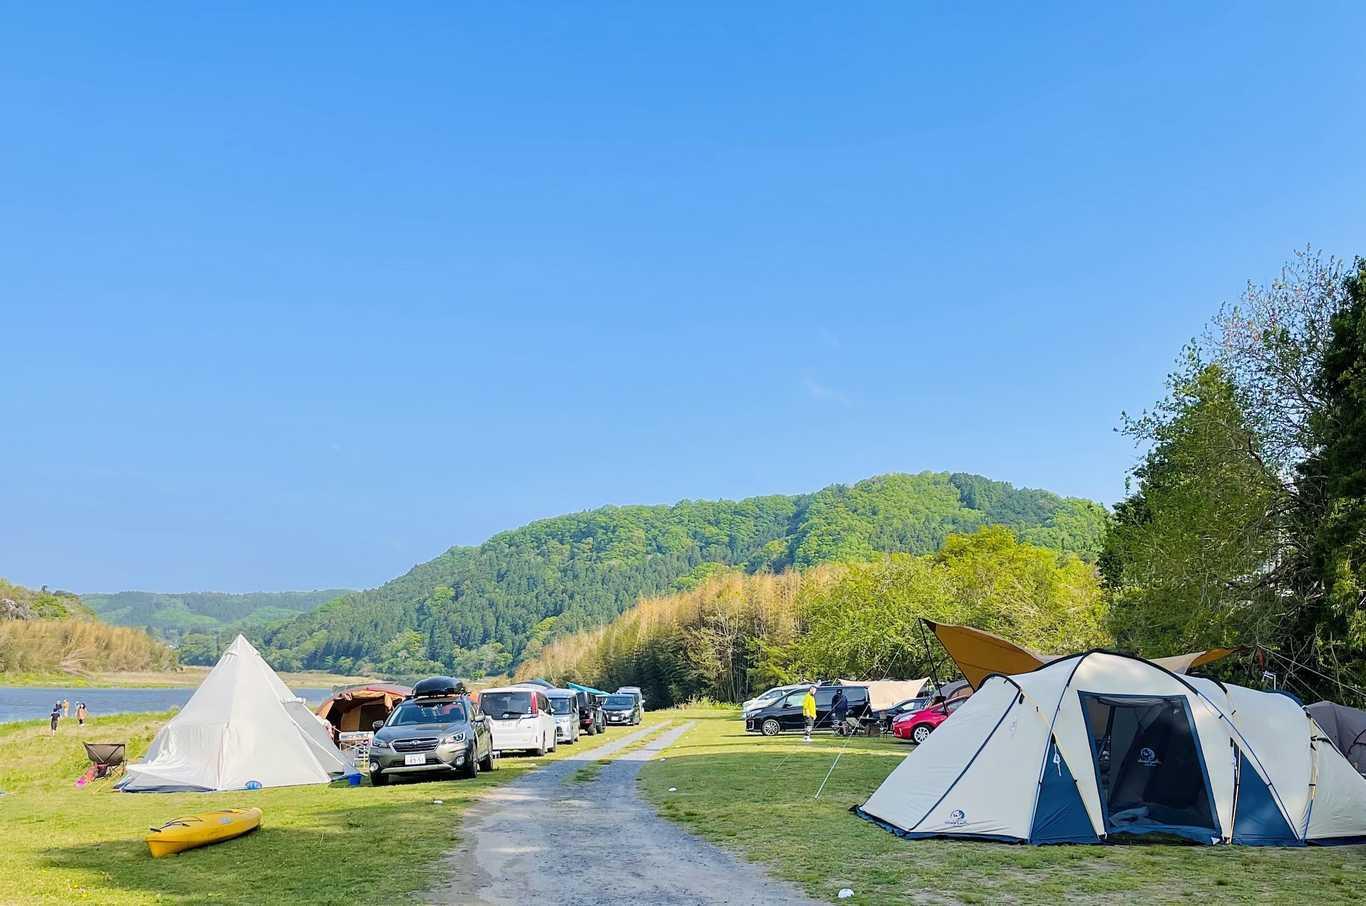 オートキャンプ那珂川ステーション の公式写真c13814